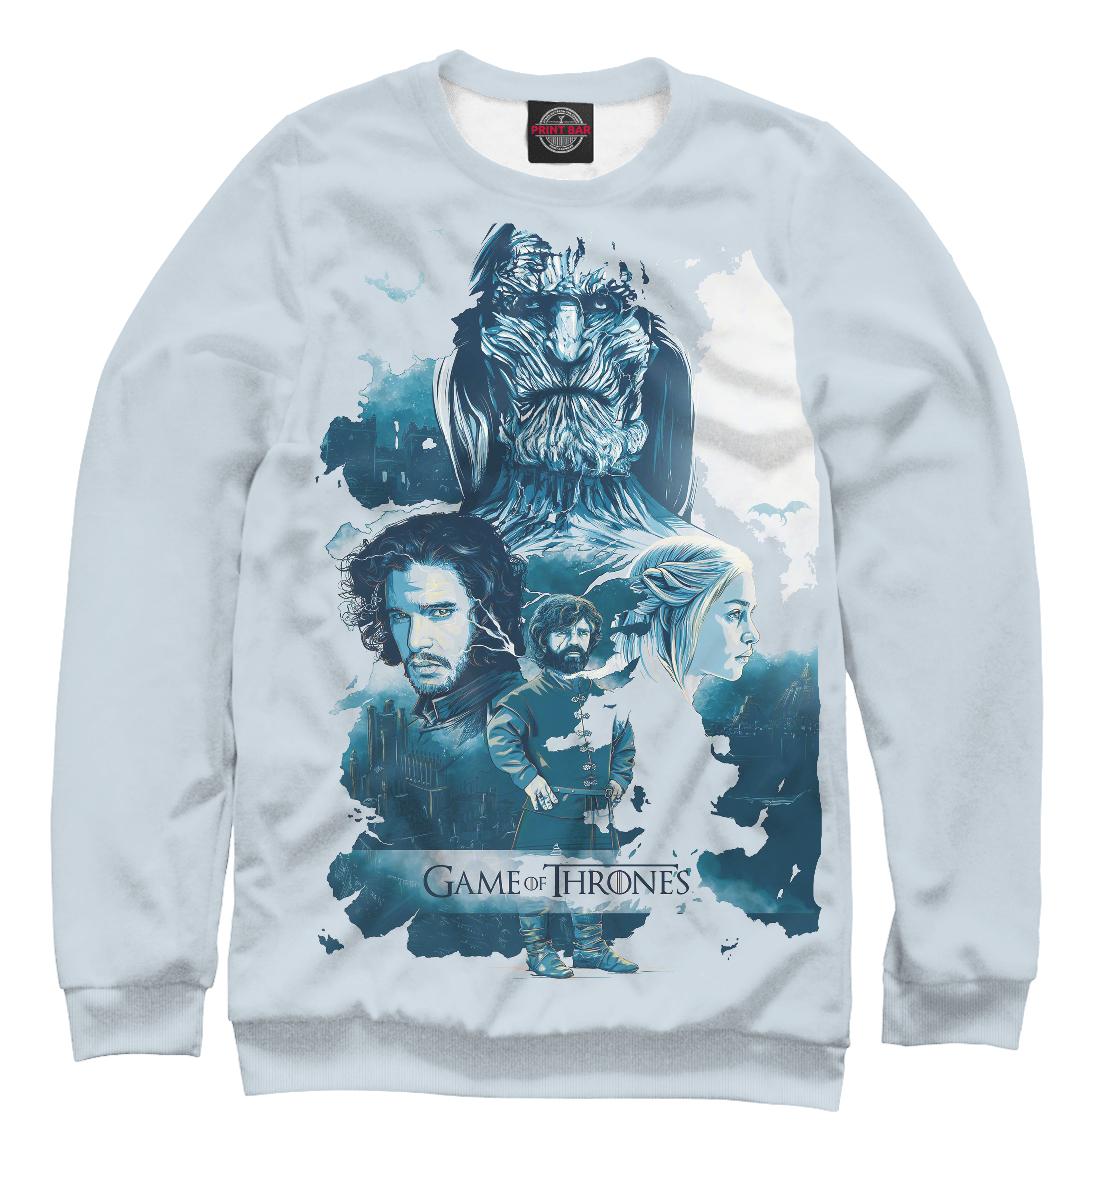 Купить Game of Thrones, Printbar, Свитшоты, IGR-451363-swi-2